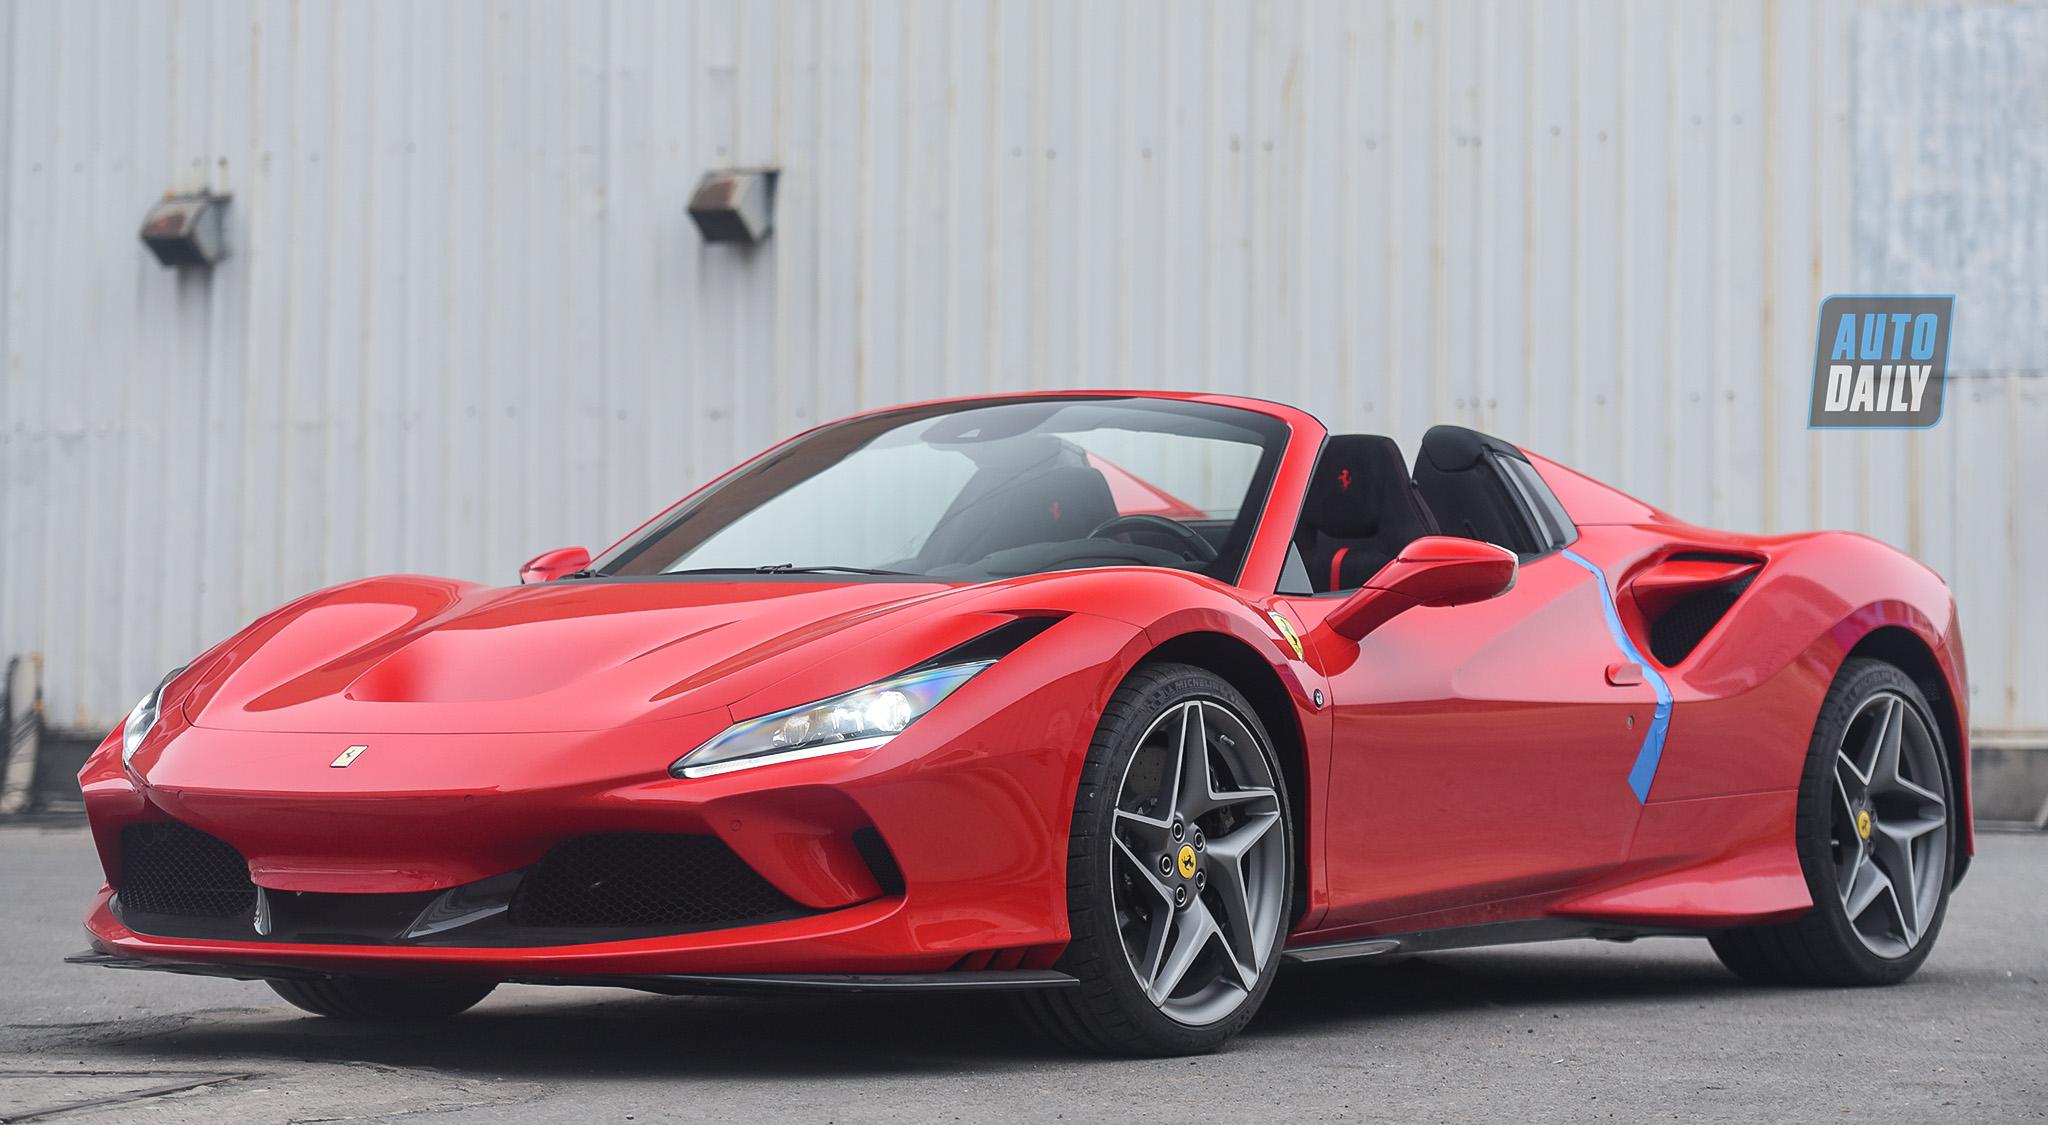 Trải nghiệm siêu xe Ferrari F8 Spider giá hơn 1 triệu USD tại Việt Nam